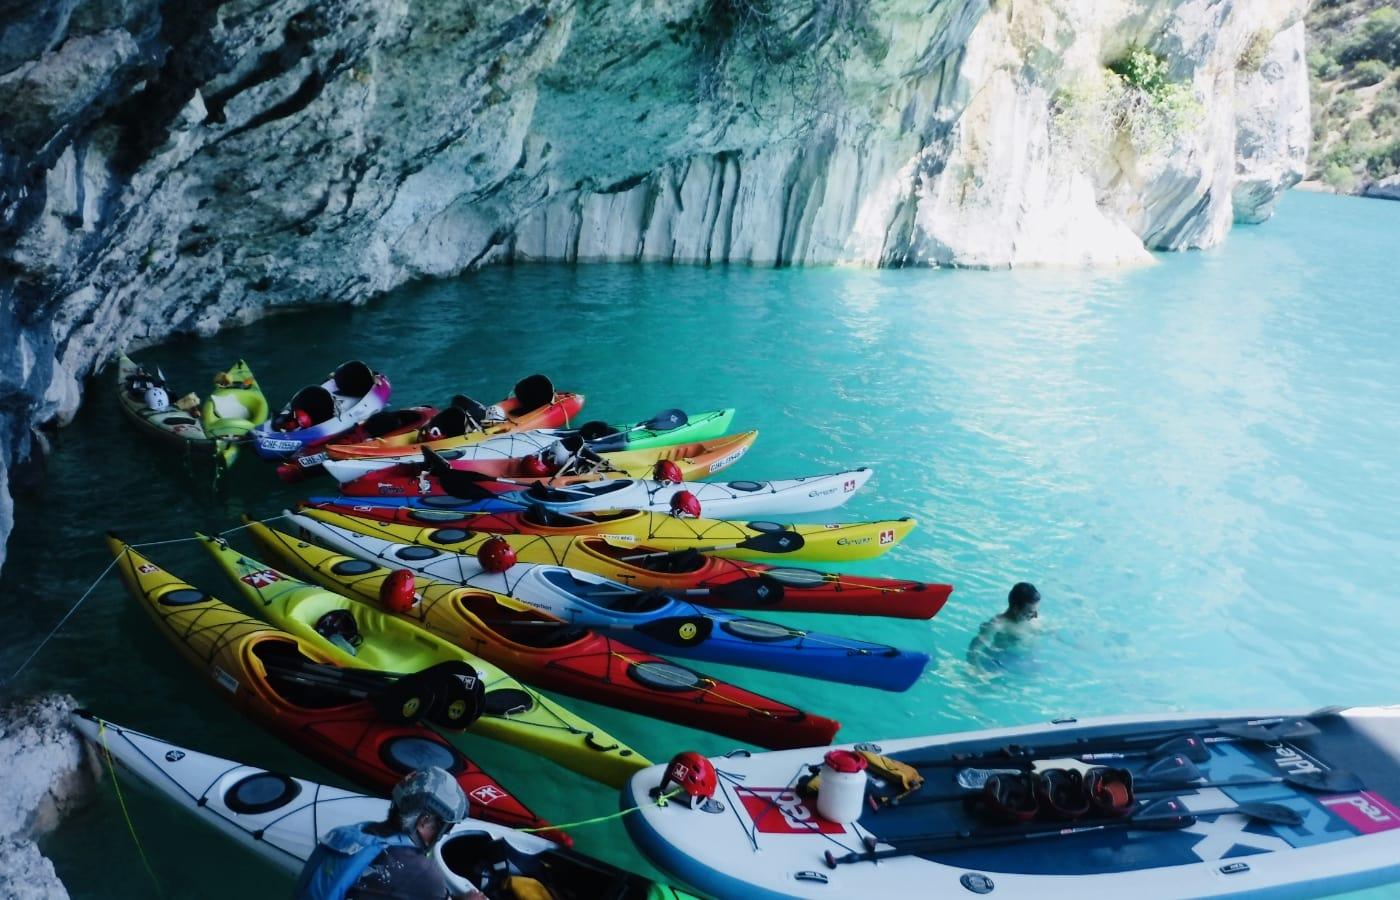 galeria-paddle-surf-1-kayak-mont-rebei